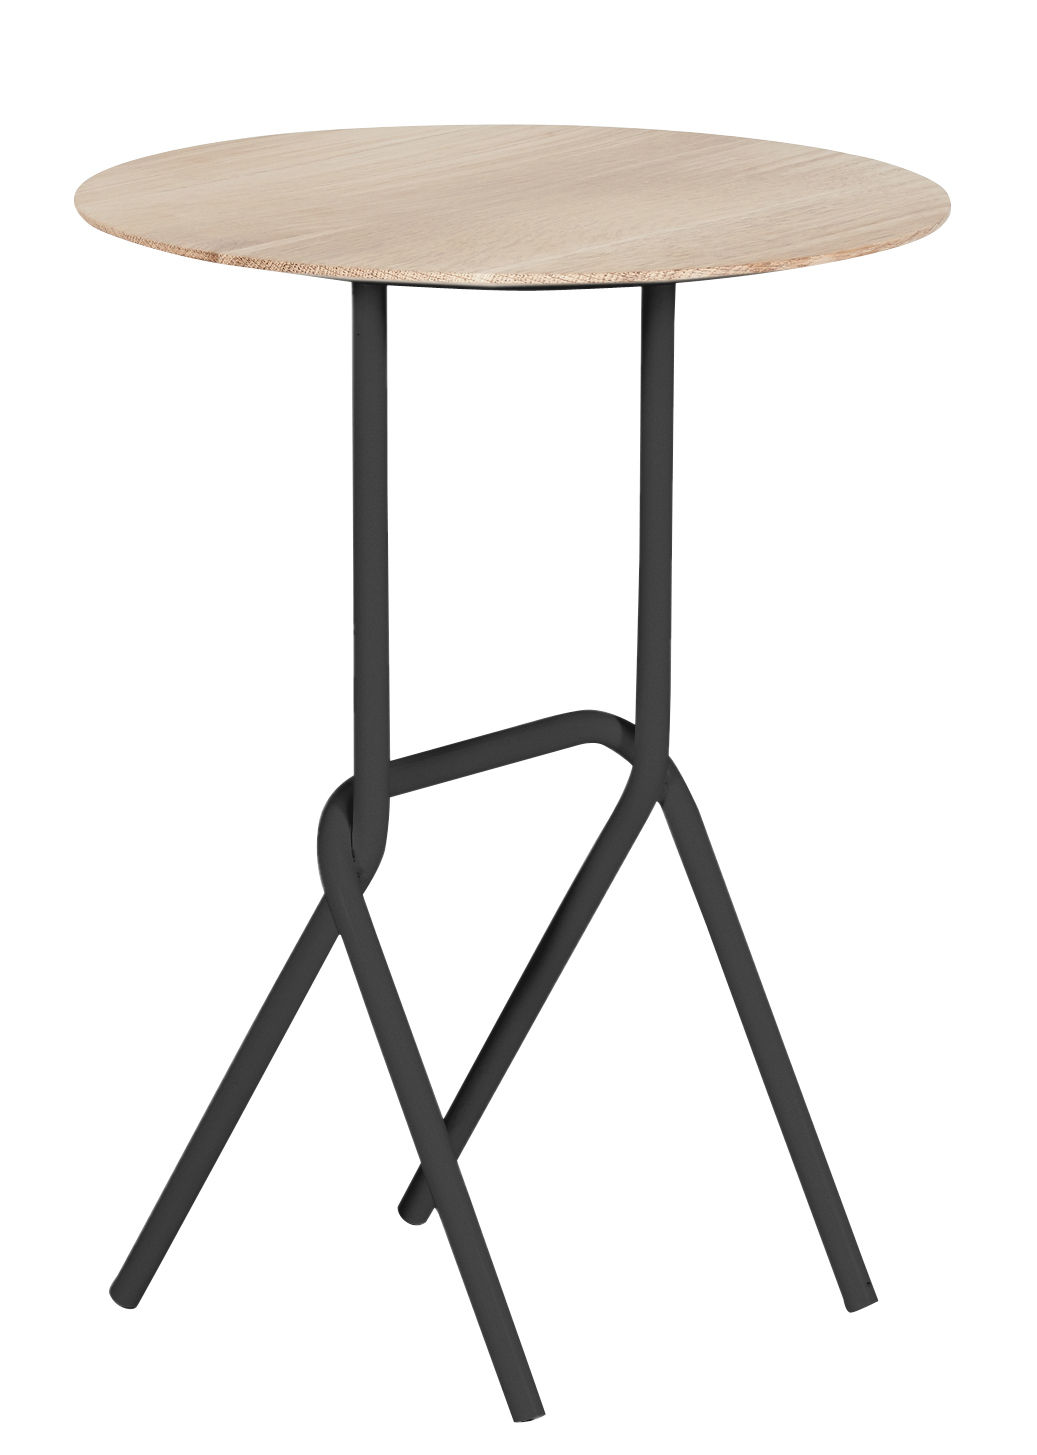 Arredamento - Tavolini  - Tavolino Désiré / Guéridon - Hartô - Grigio ardesia - Metallo, Rovere